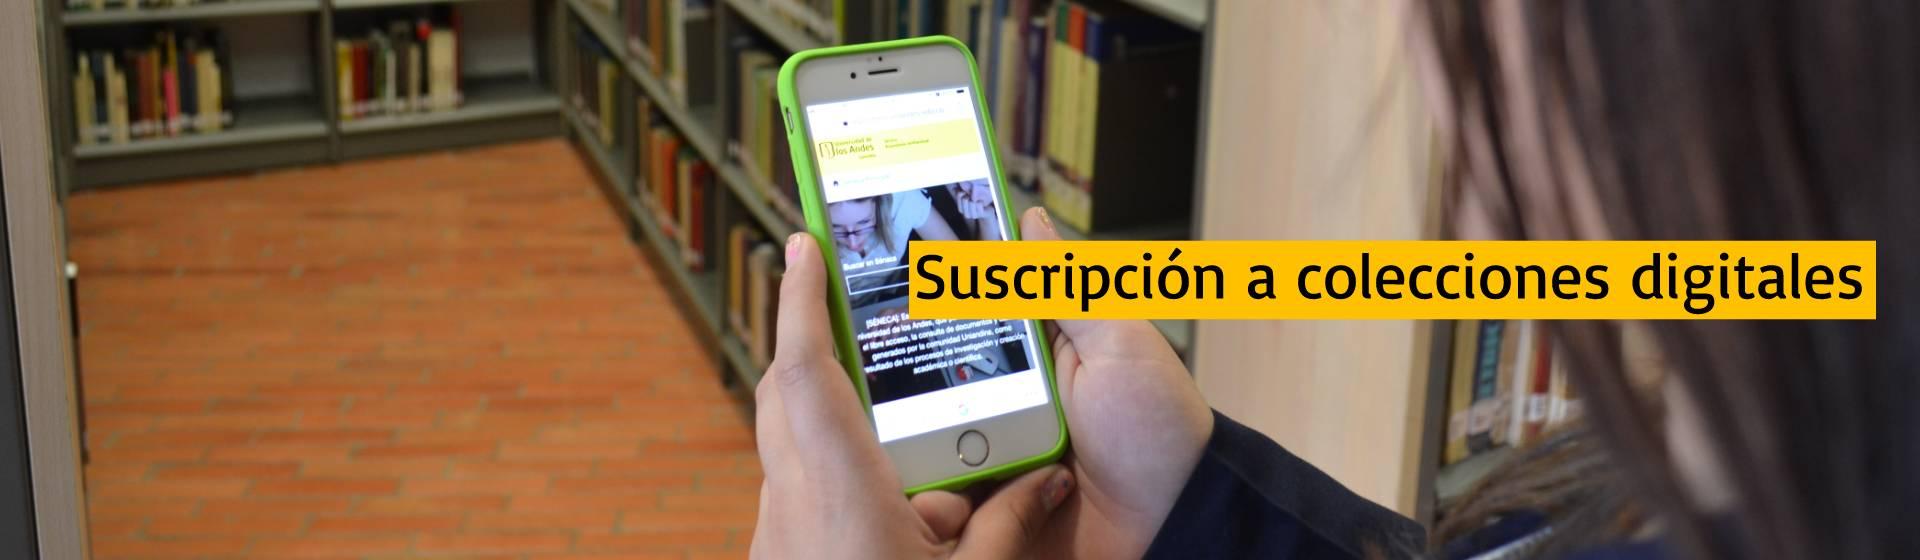 Colecciones digitales | Uniandes